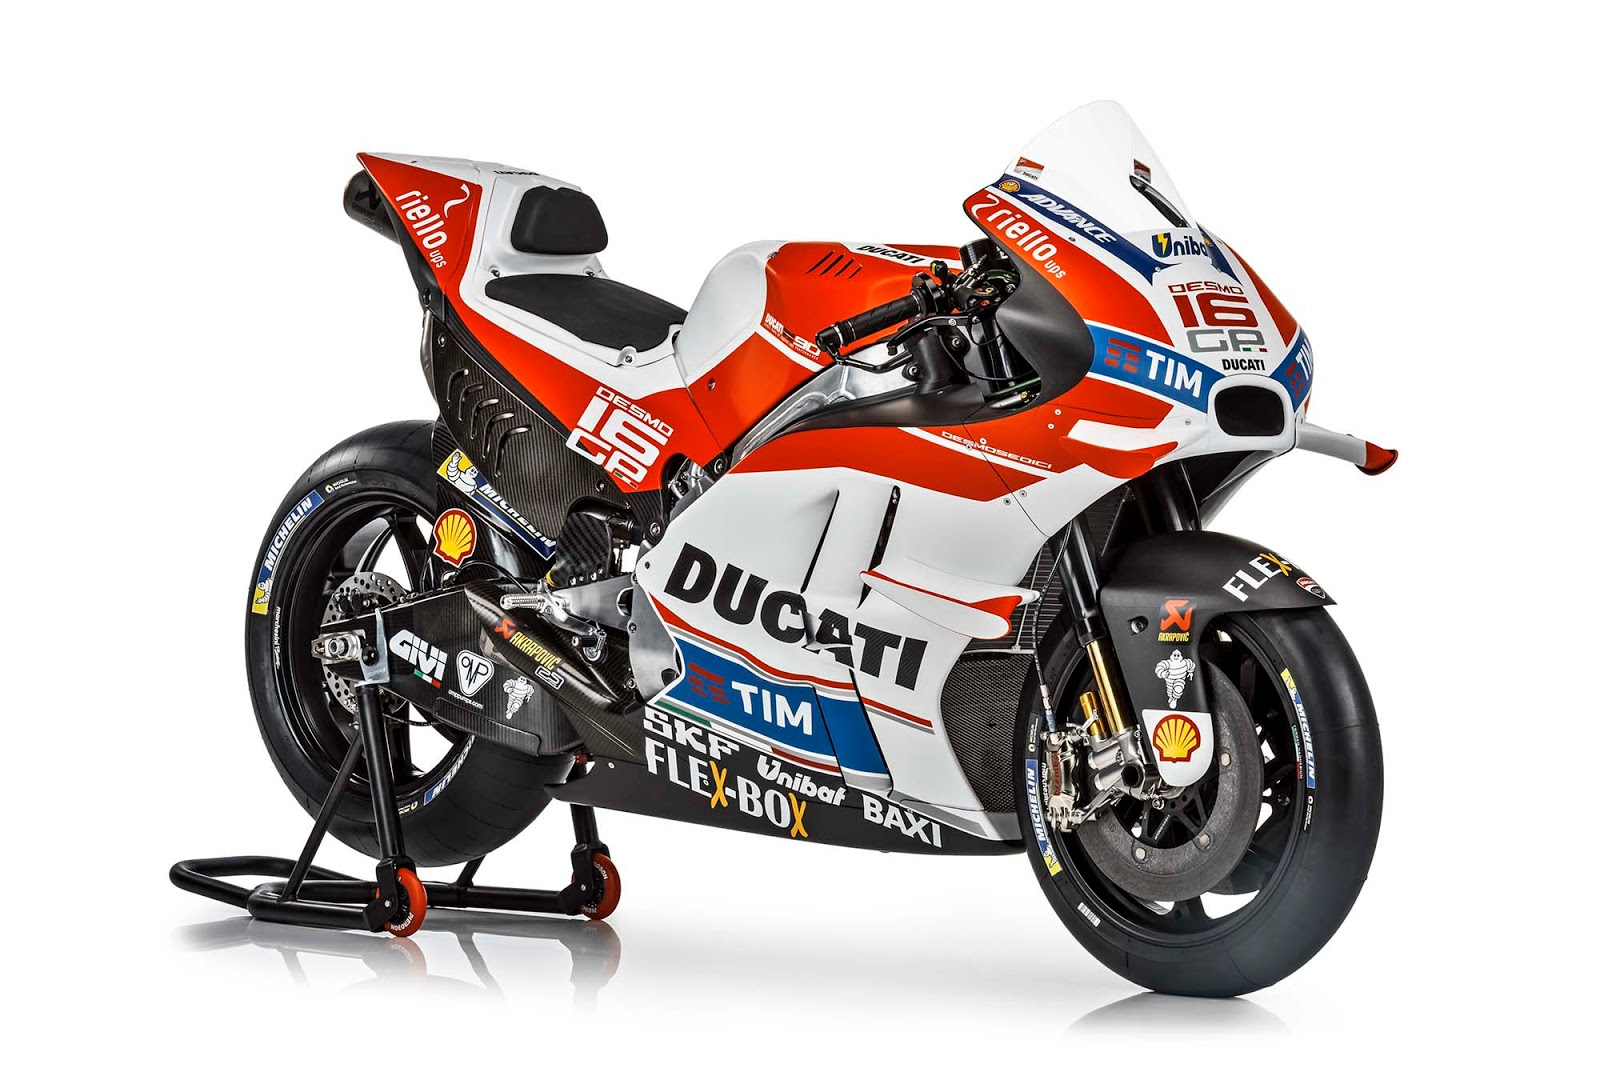 Racing Cafè: Ducati Desmosedici GP16 Ducati MotoGP Team 2016